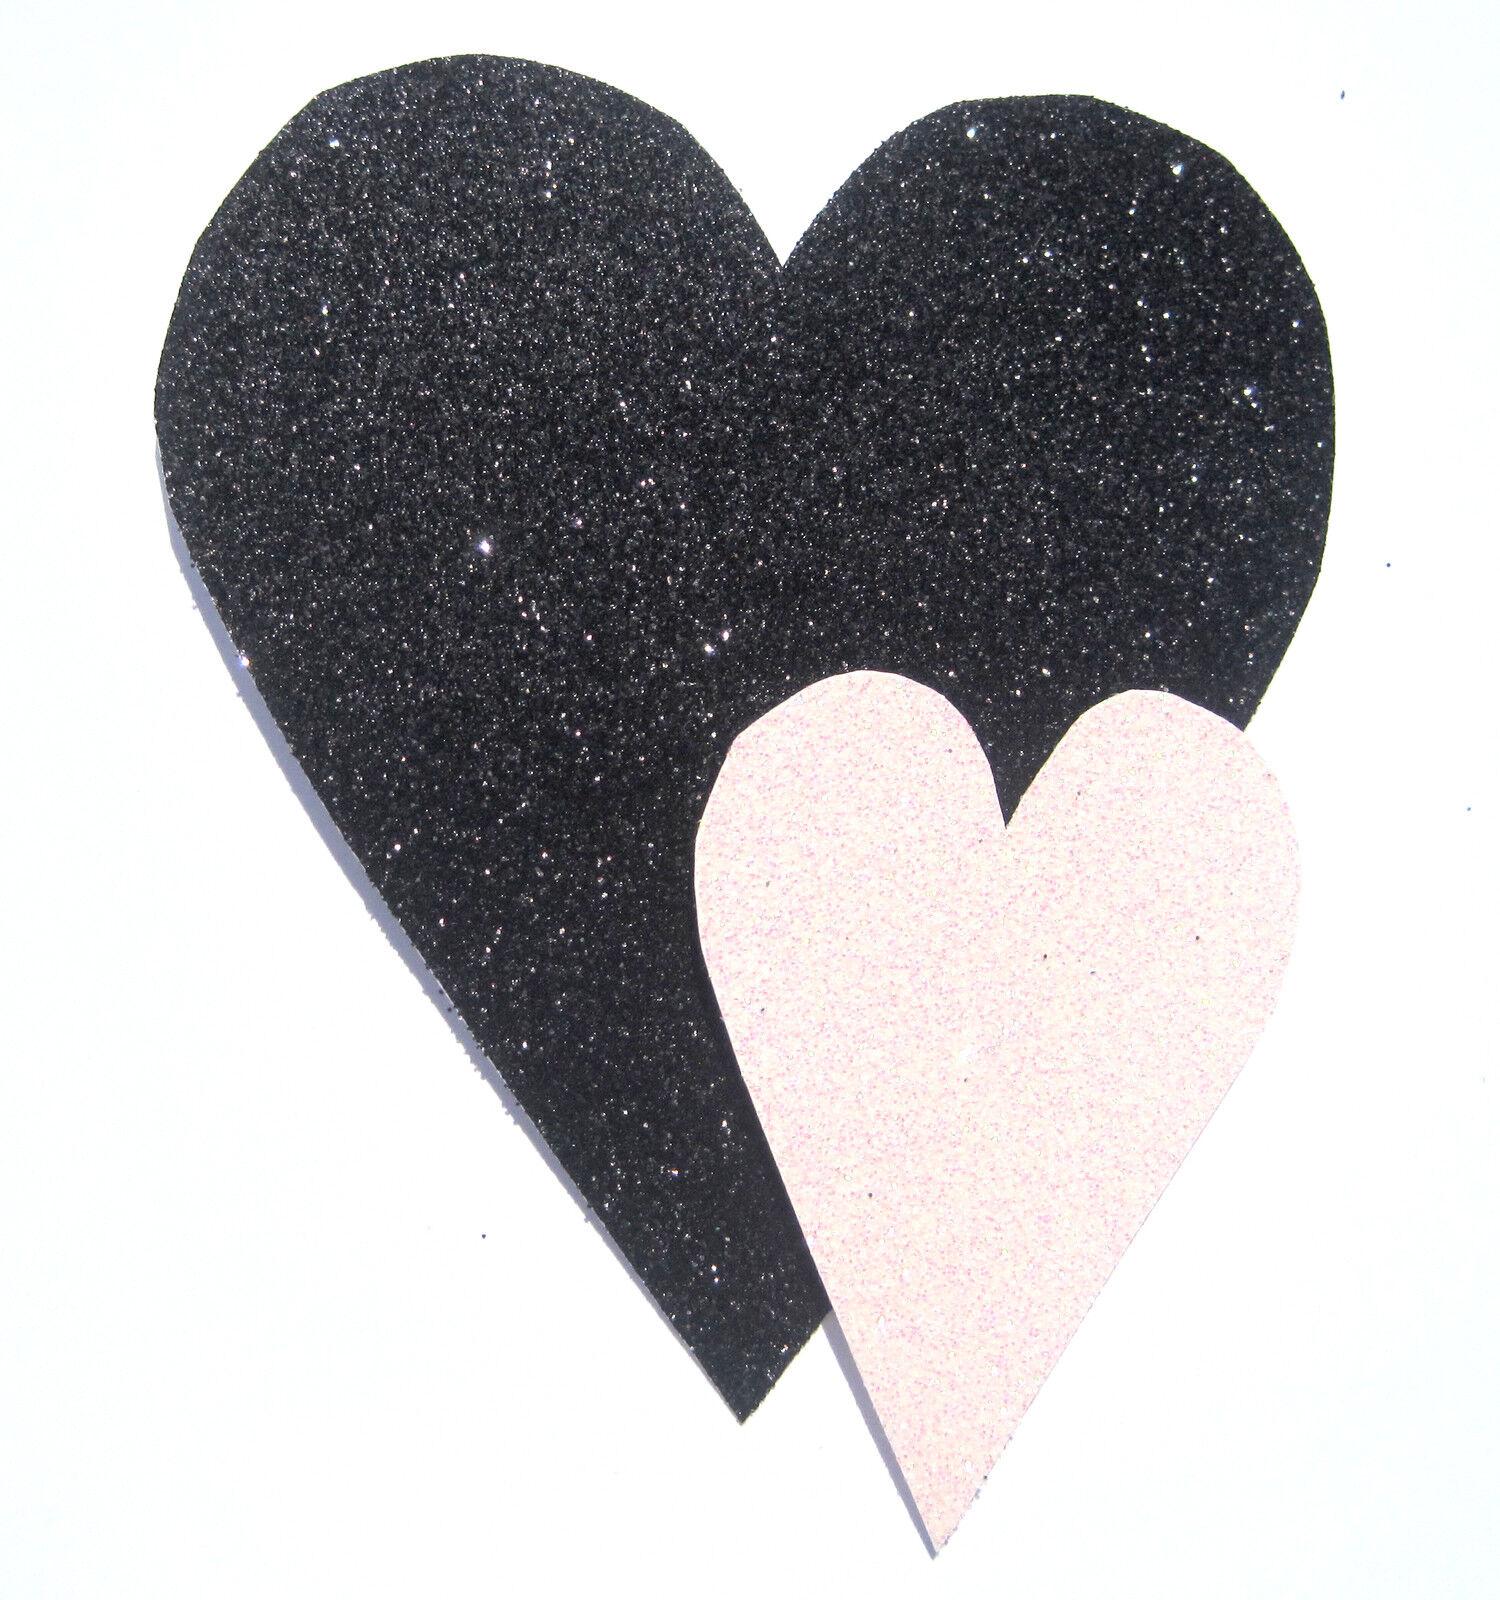 Handgefertigt Karte Geburtstag Jubiläum Valentinstag Danke Glitzer Liebe Herzen | Ich kann es nicht ablegen  | Beliebte Empfehlung